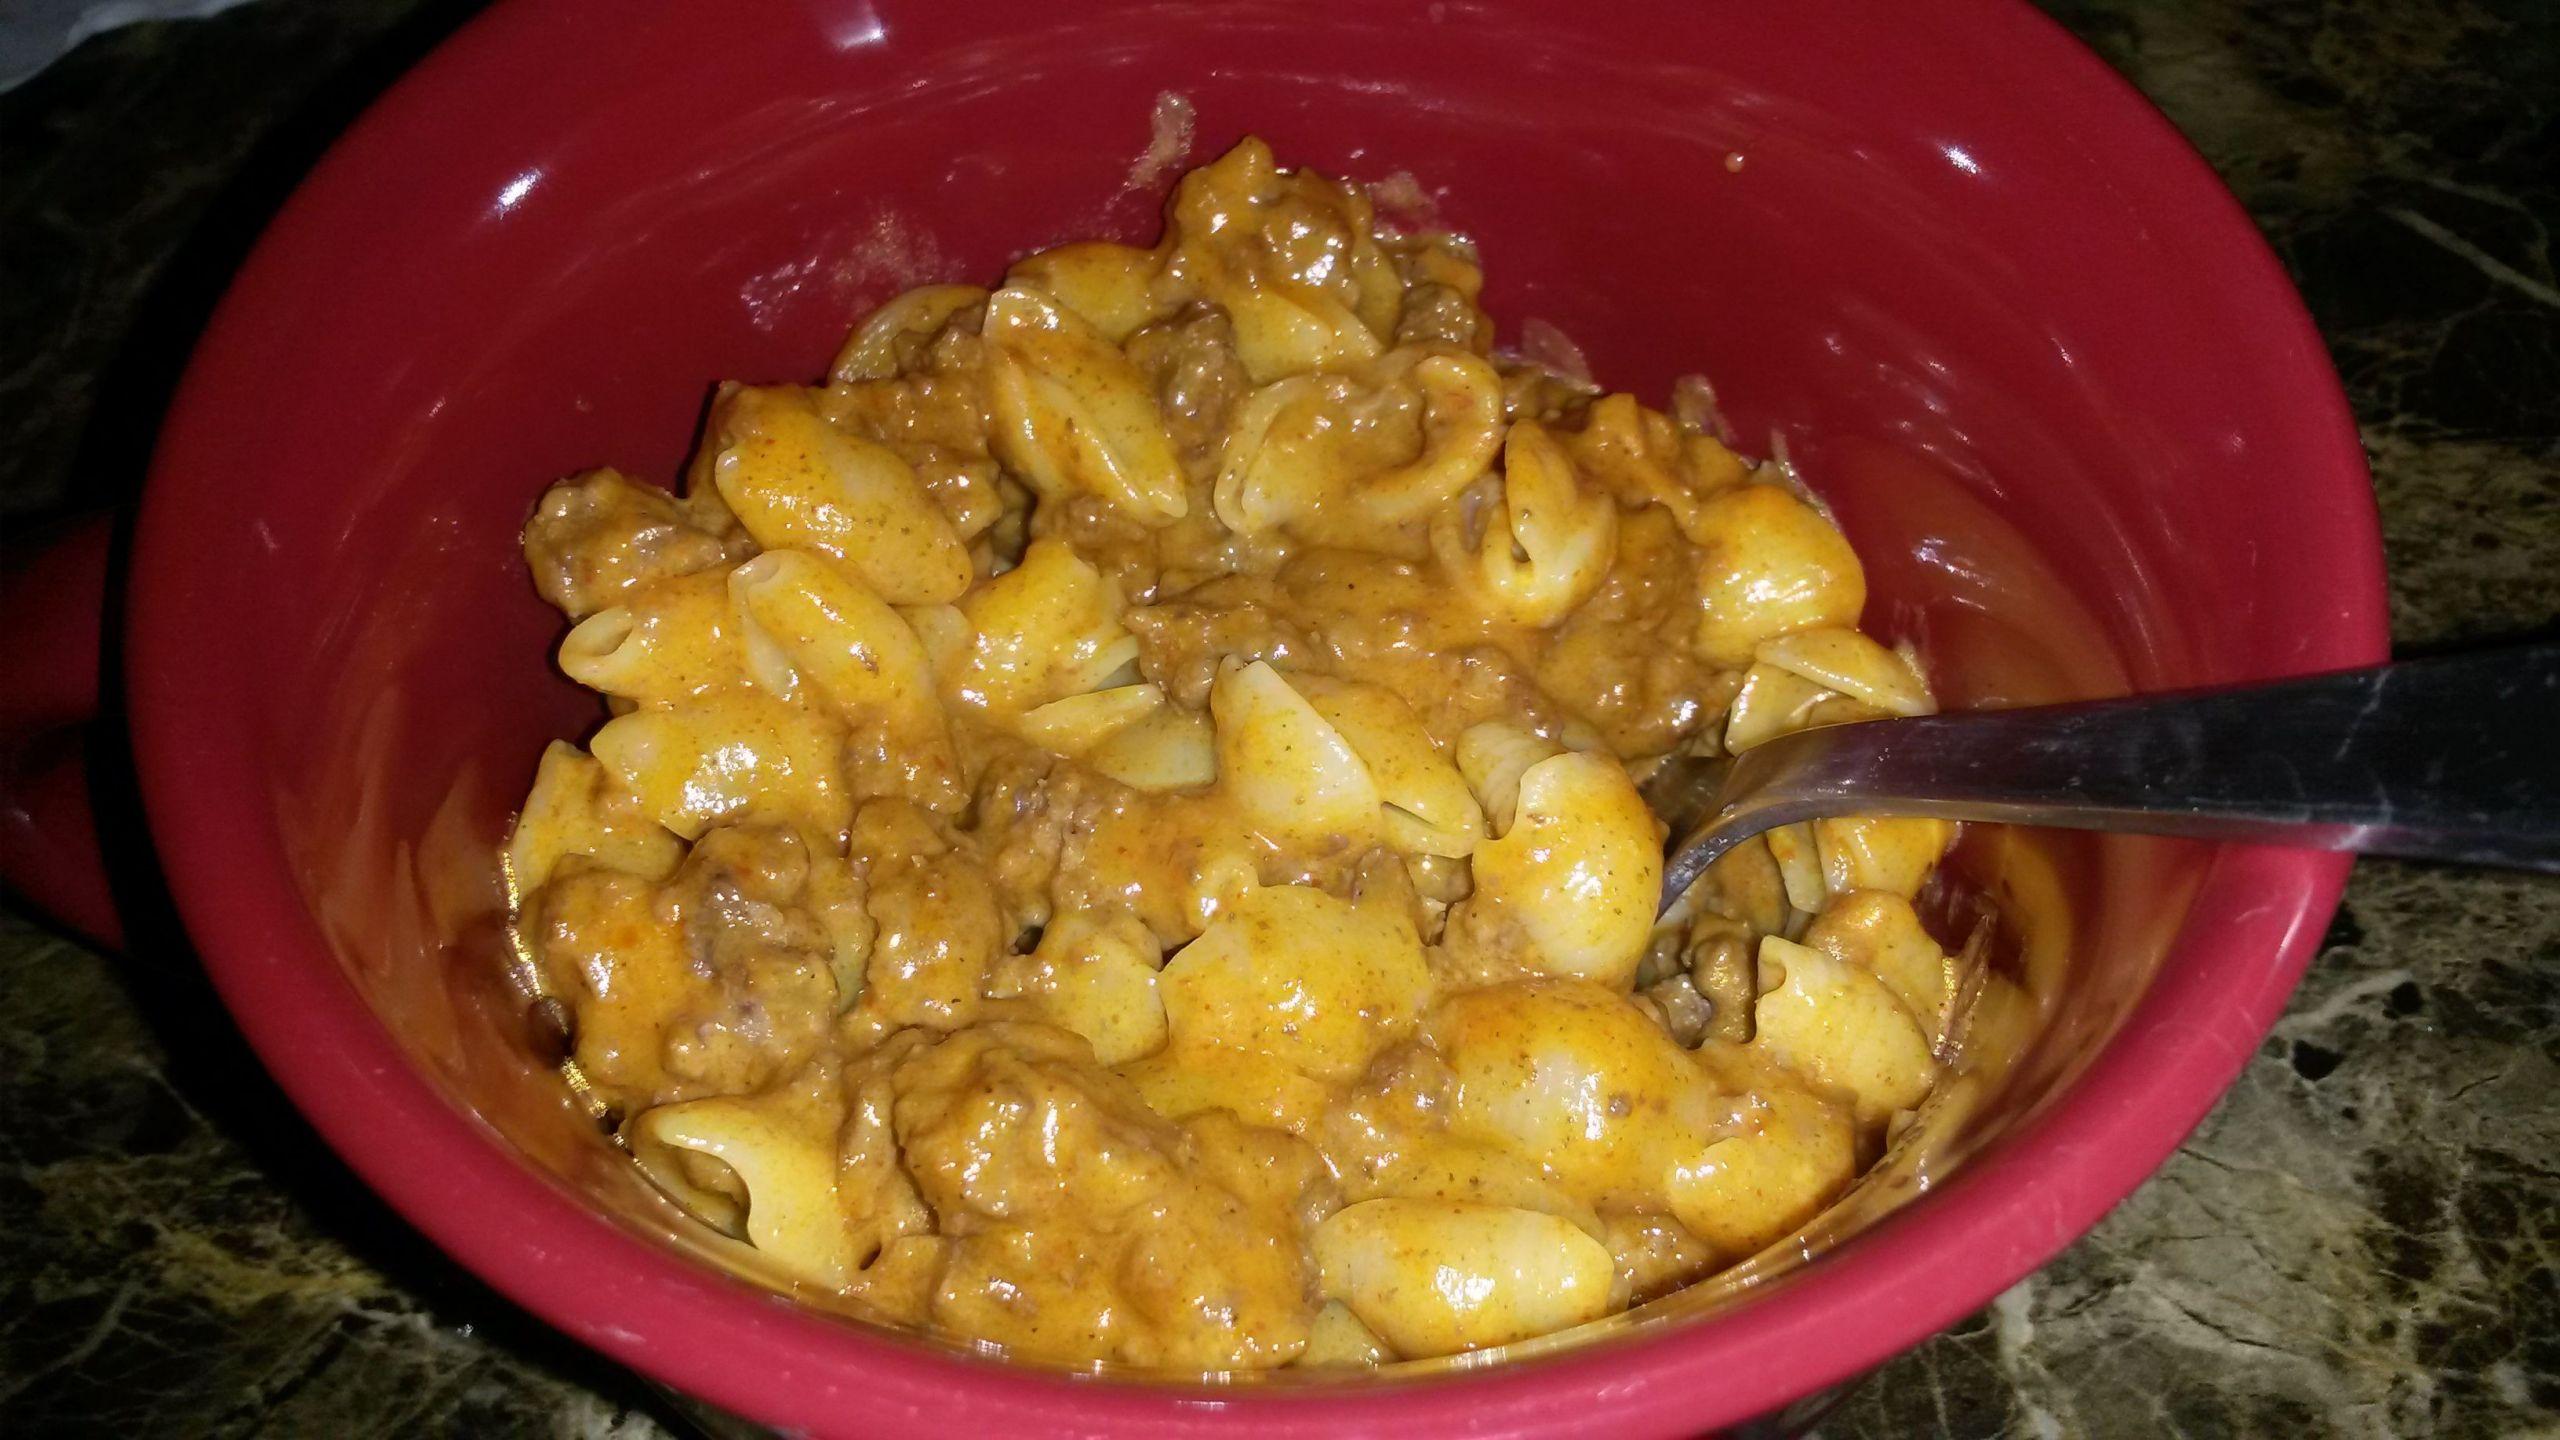 Velveeta Mac And Cheese Recipes With Ground Beef  Taco Mac and Cheese You Need 1lb of ground beef 1 box of